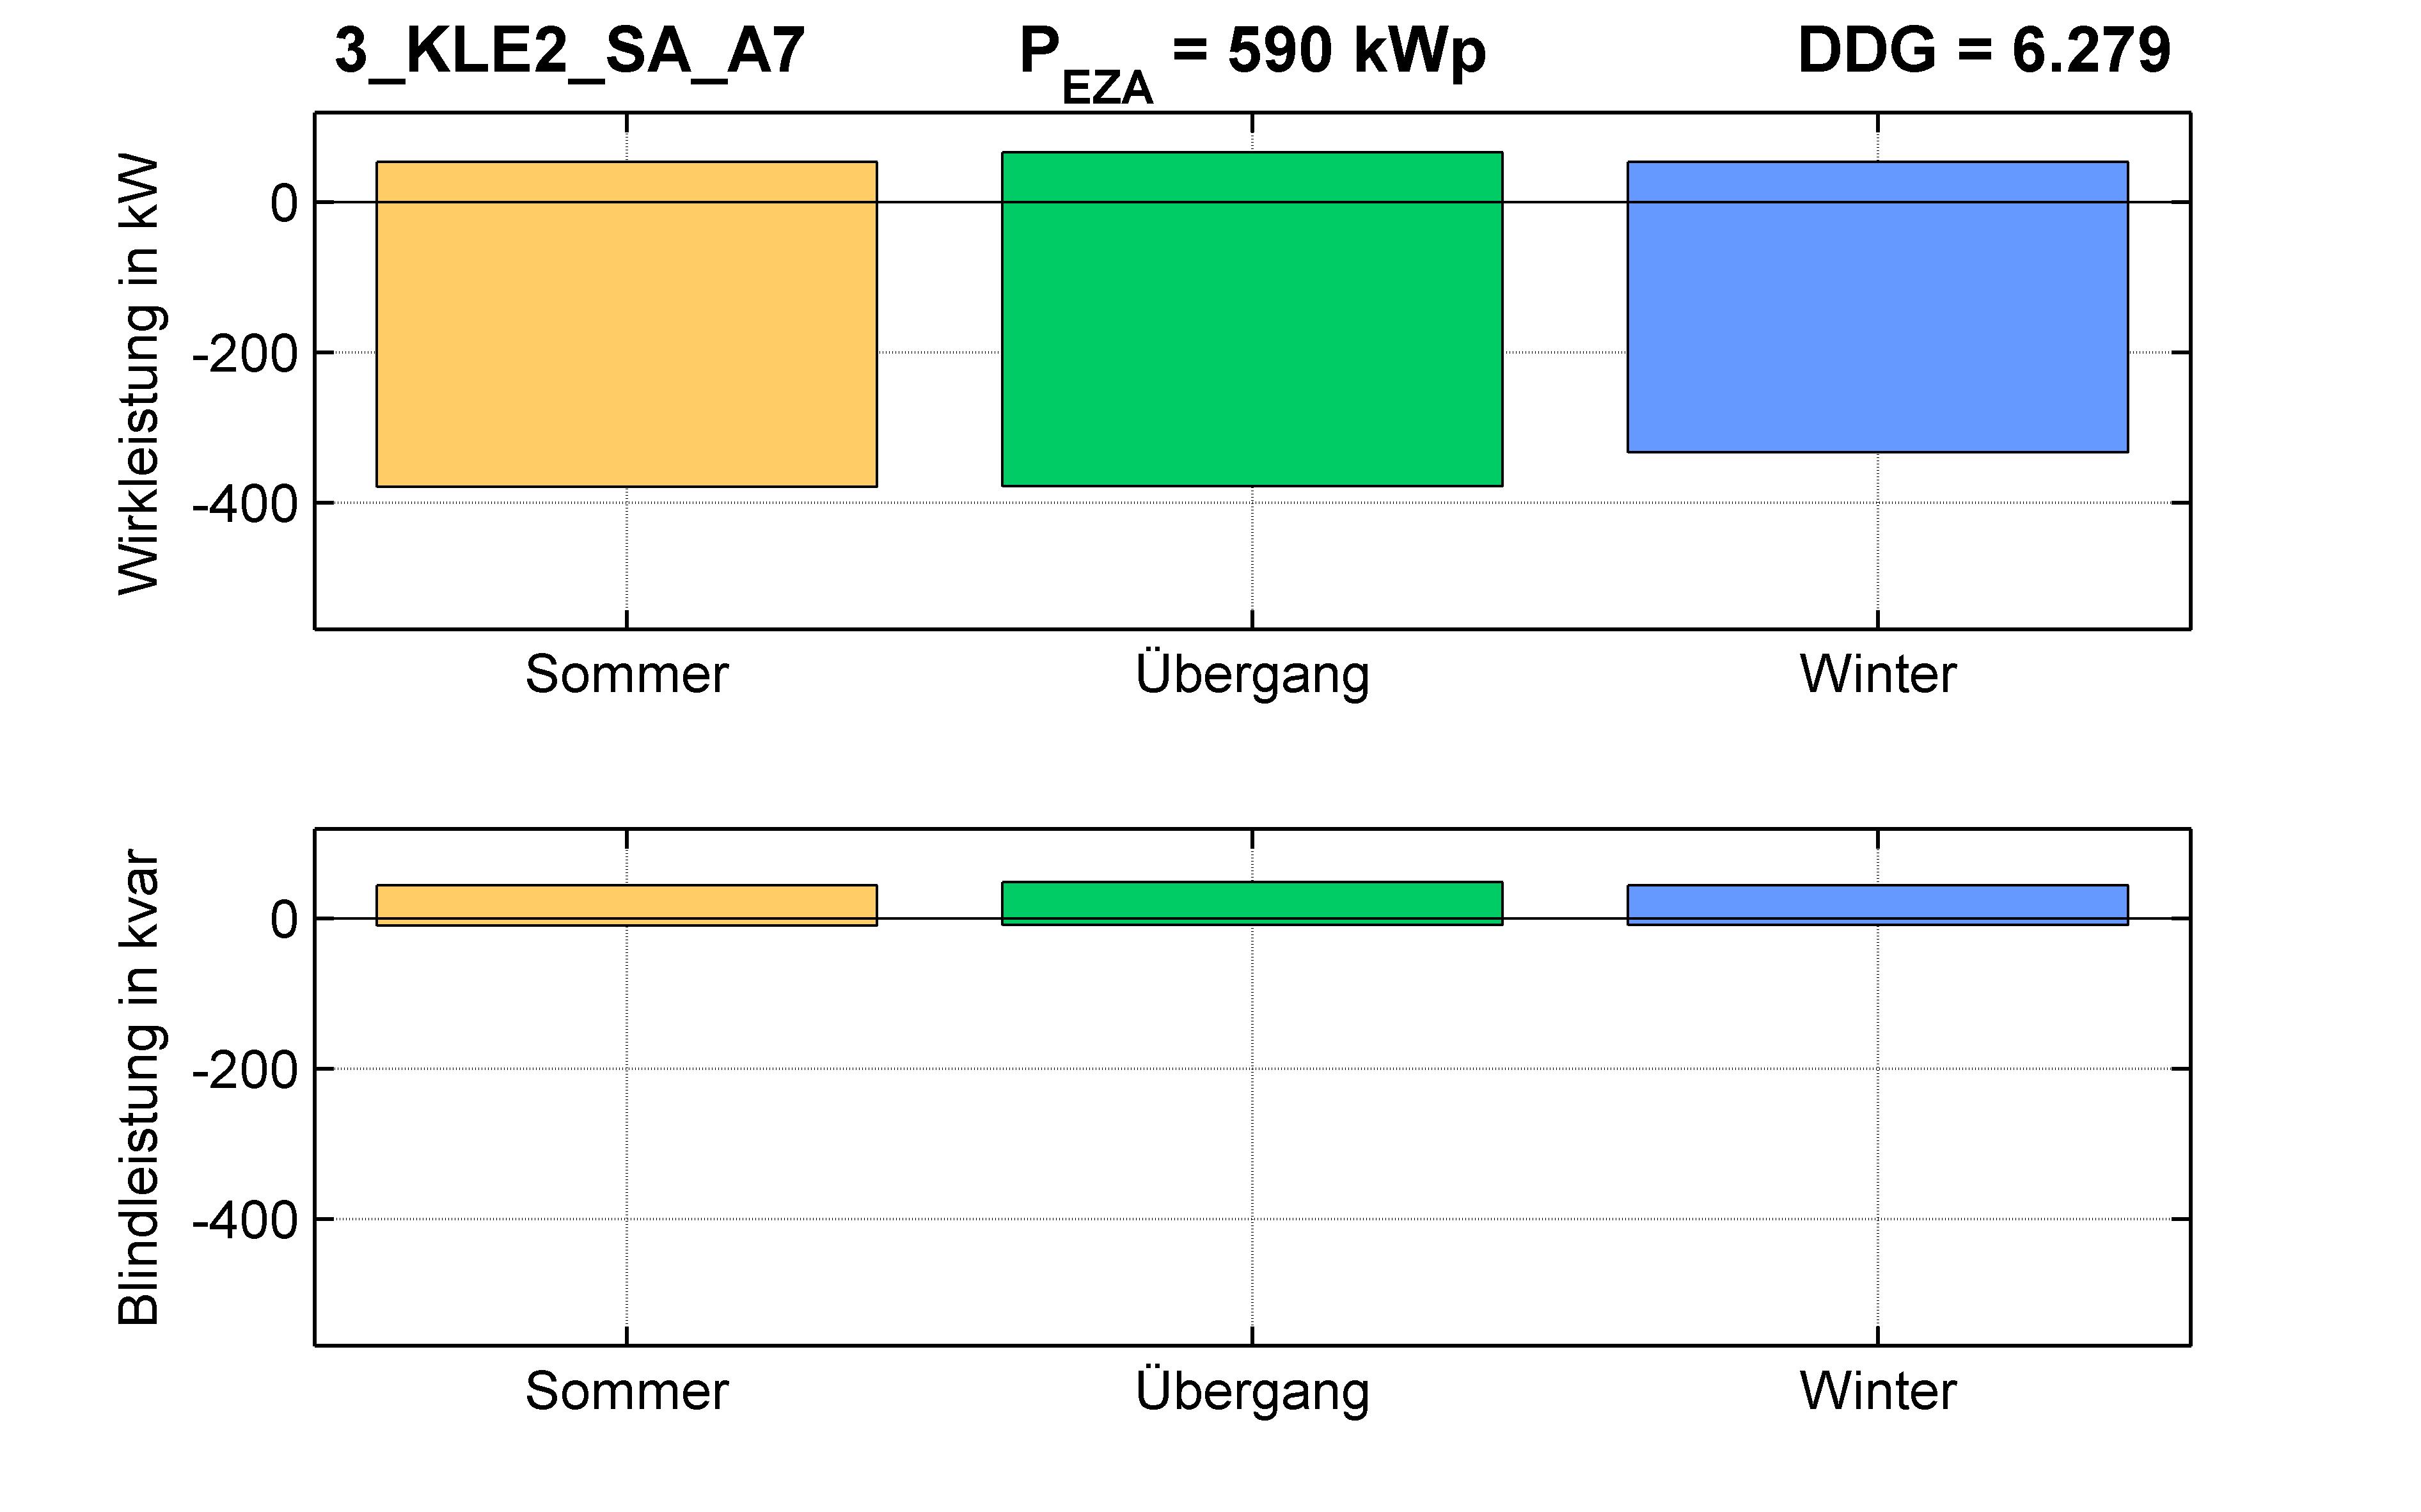 KLE2 | P-Kappung 70% (SA) A7 | PQ-Bilanz